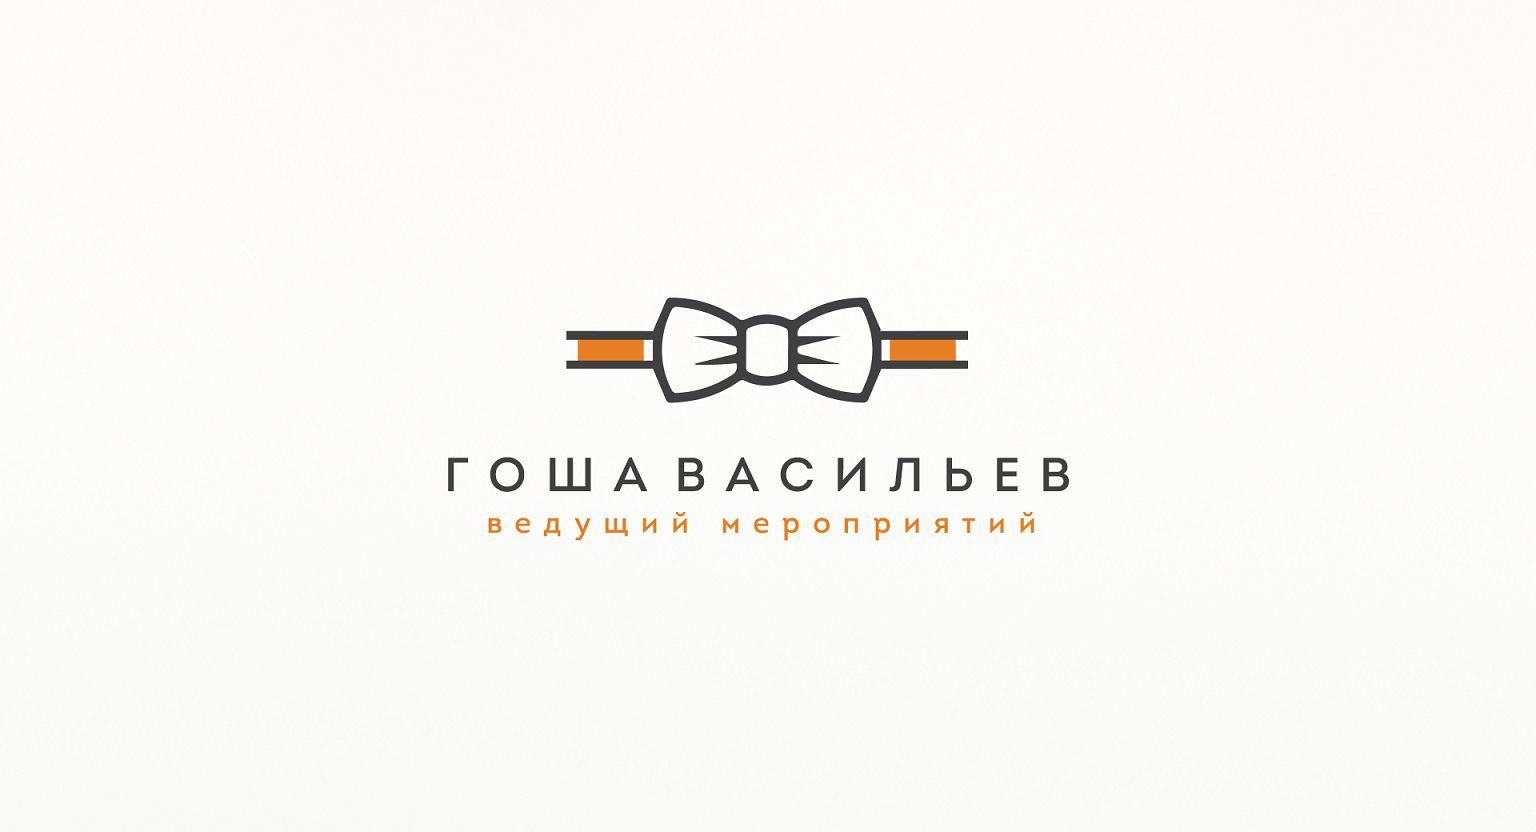 Логотип для ведущего мероприятий!:) - дизайнер shusha